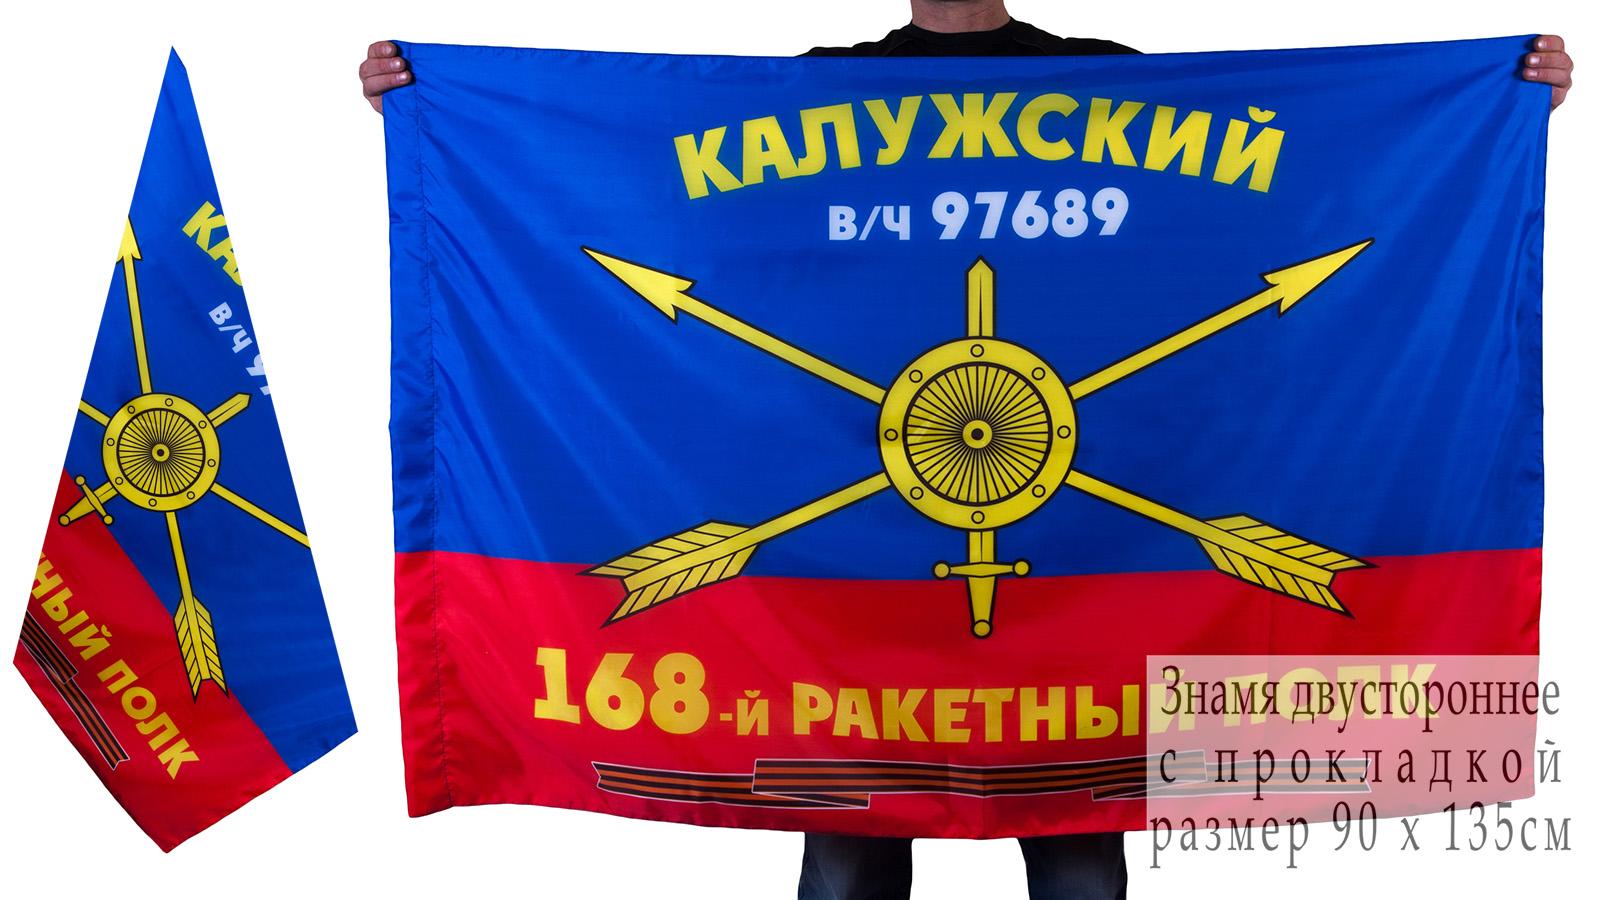 Знамя 168-го ракетного полка РВСН